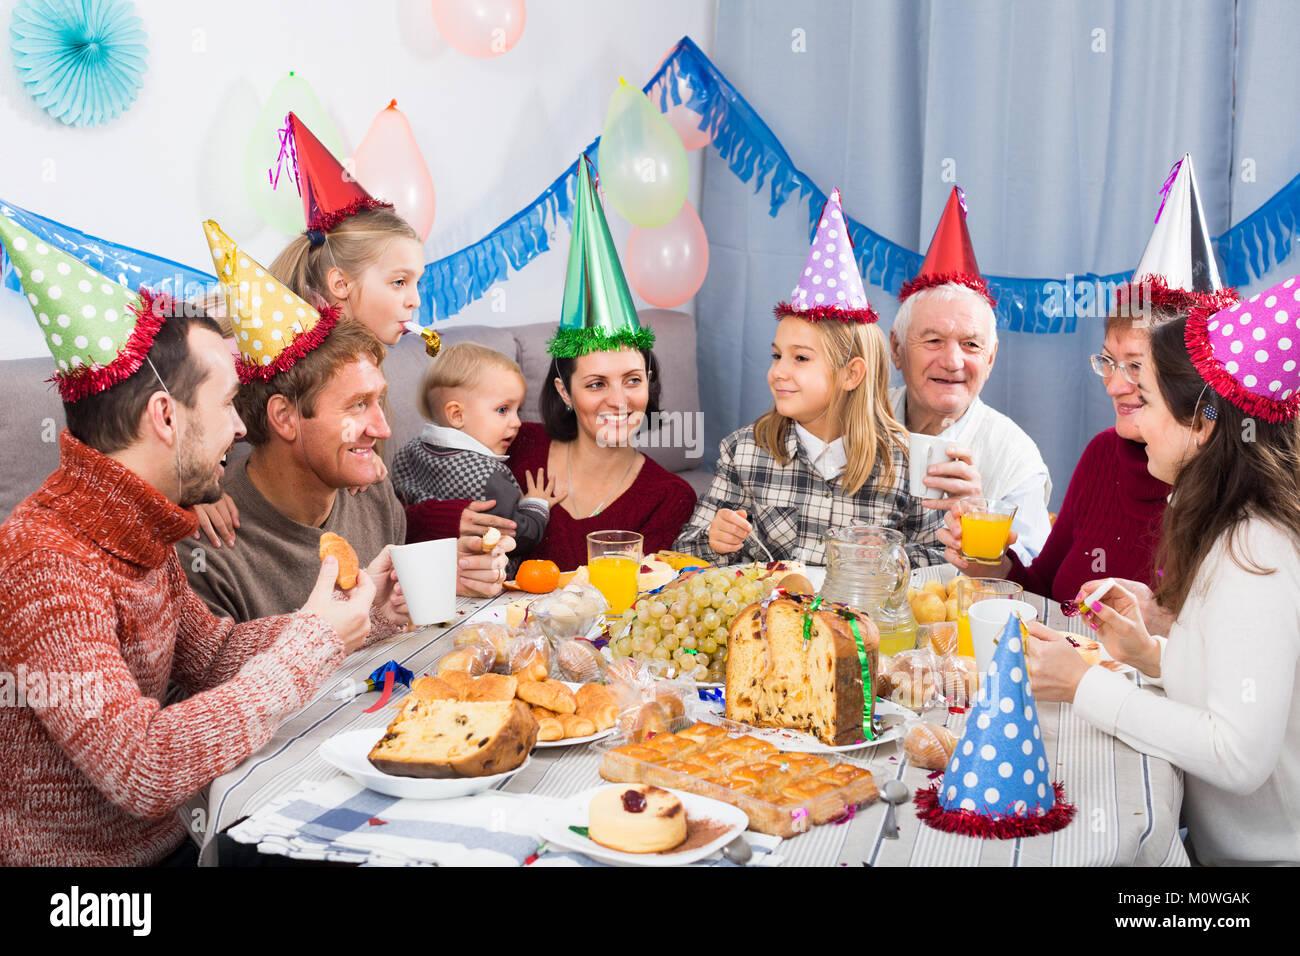 Familie Sind Glucklich Die Kinder Beim Abendessen Zum Geburtstag Zu